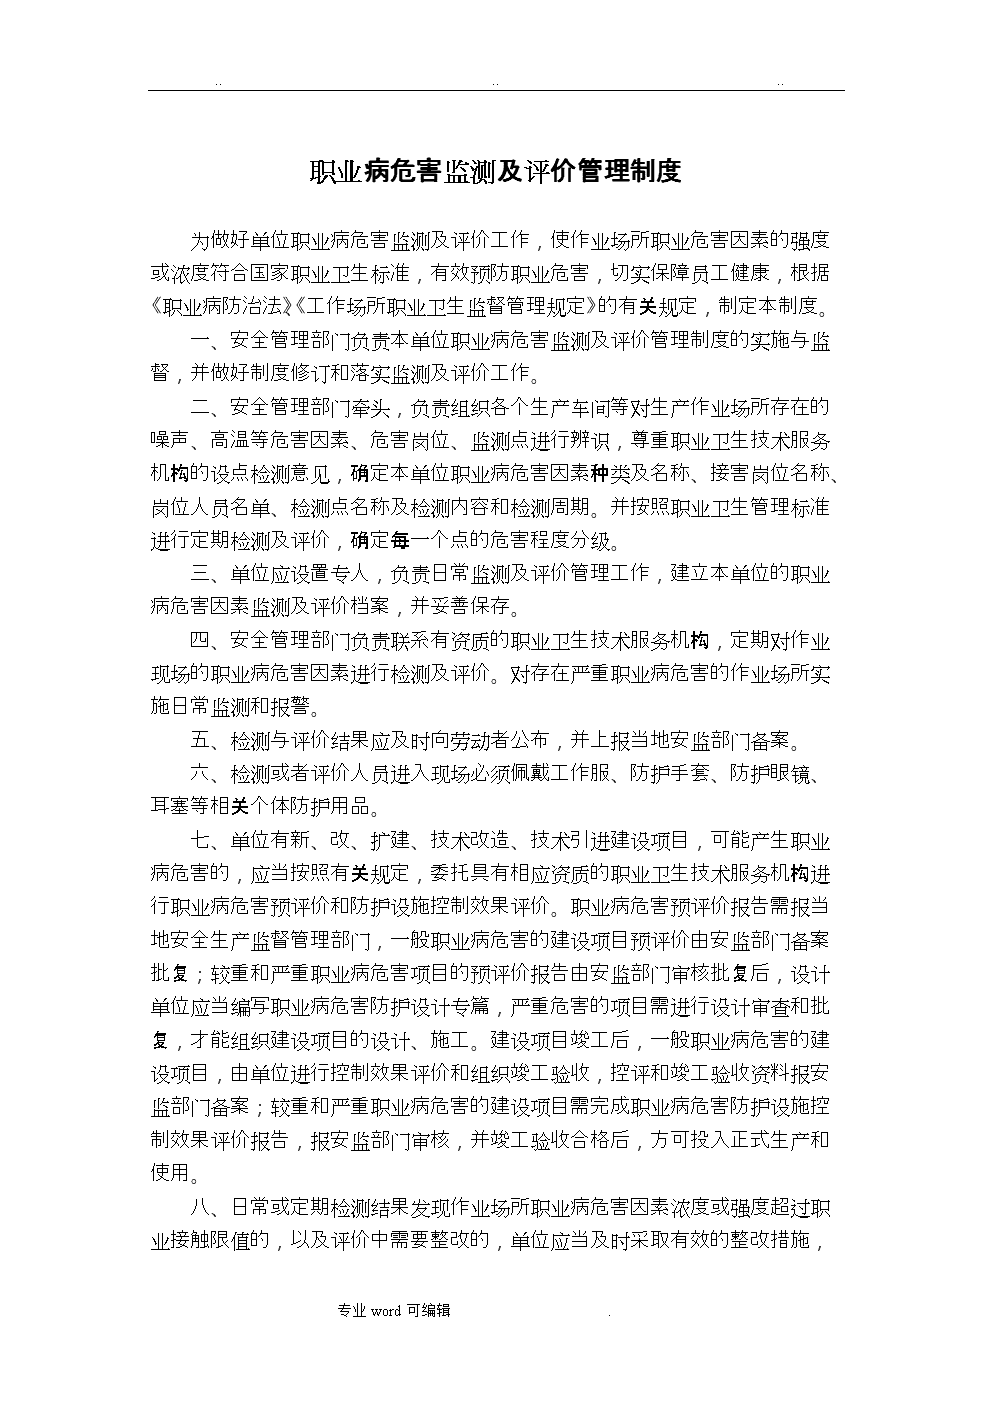 职业病危害监测与评价管理制度汇编.doc